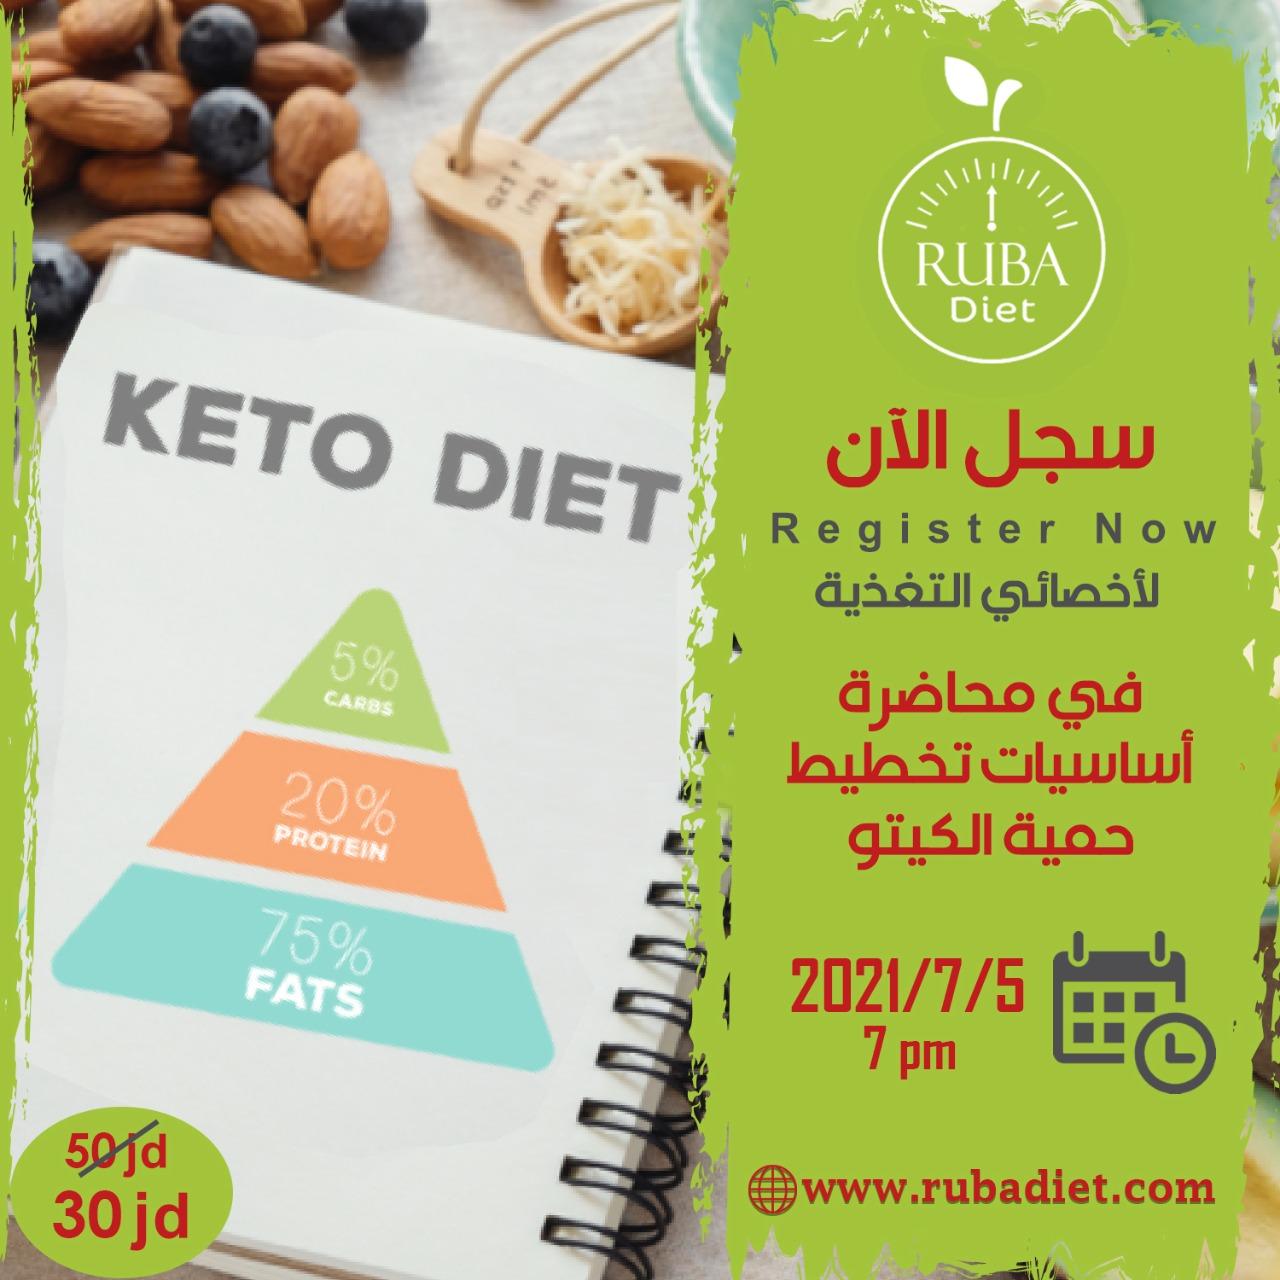 حمية الكيتو  لاخصائيين التغذية